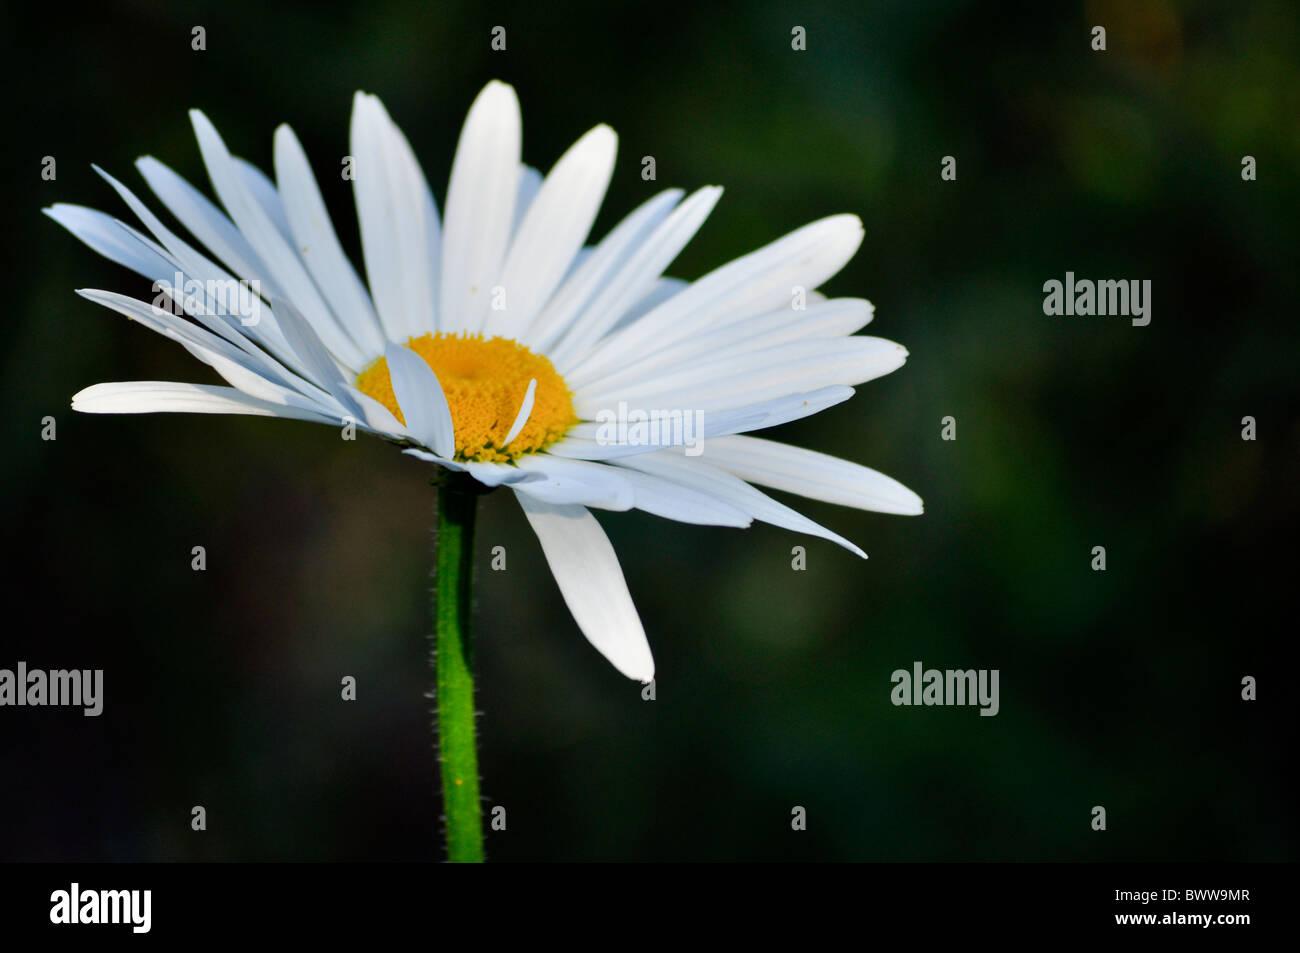 Una sola daisy aislados en blanco sobre fondo oscuro Imagen De Stock